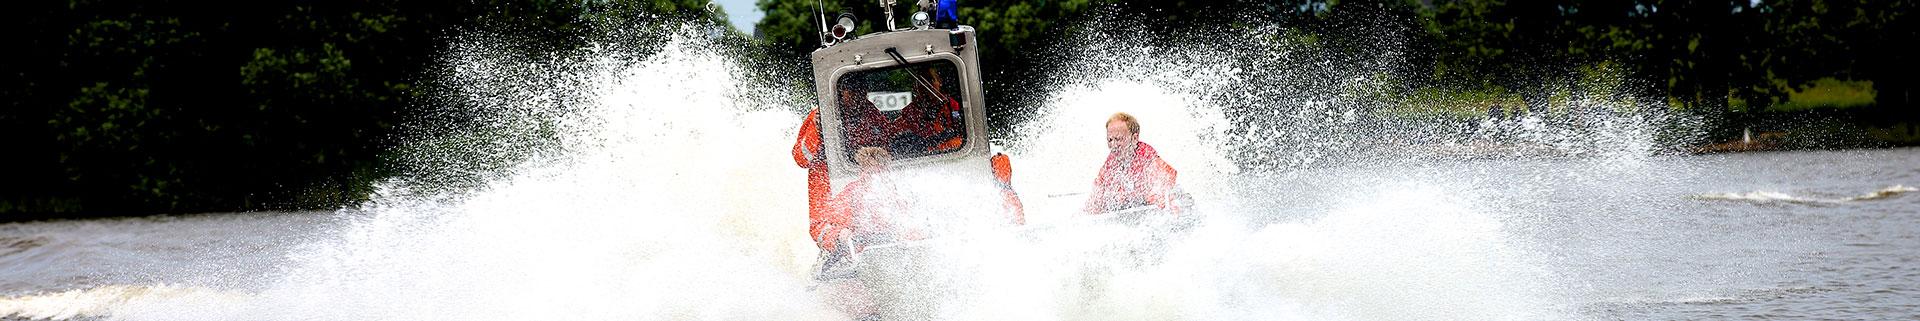 Banner - Feuerwehrboot im Einsatz